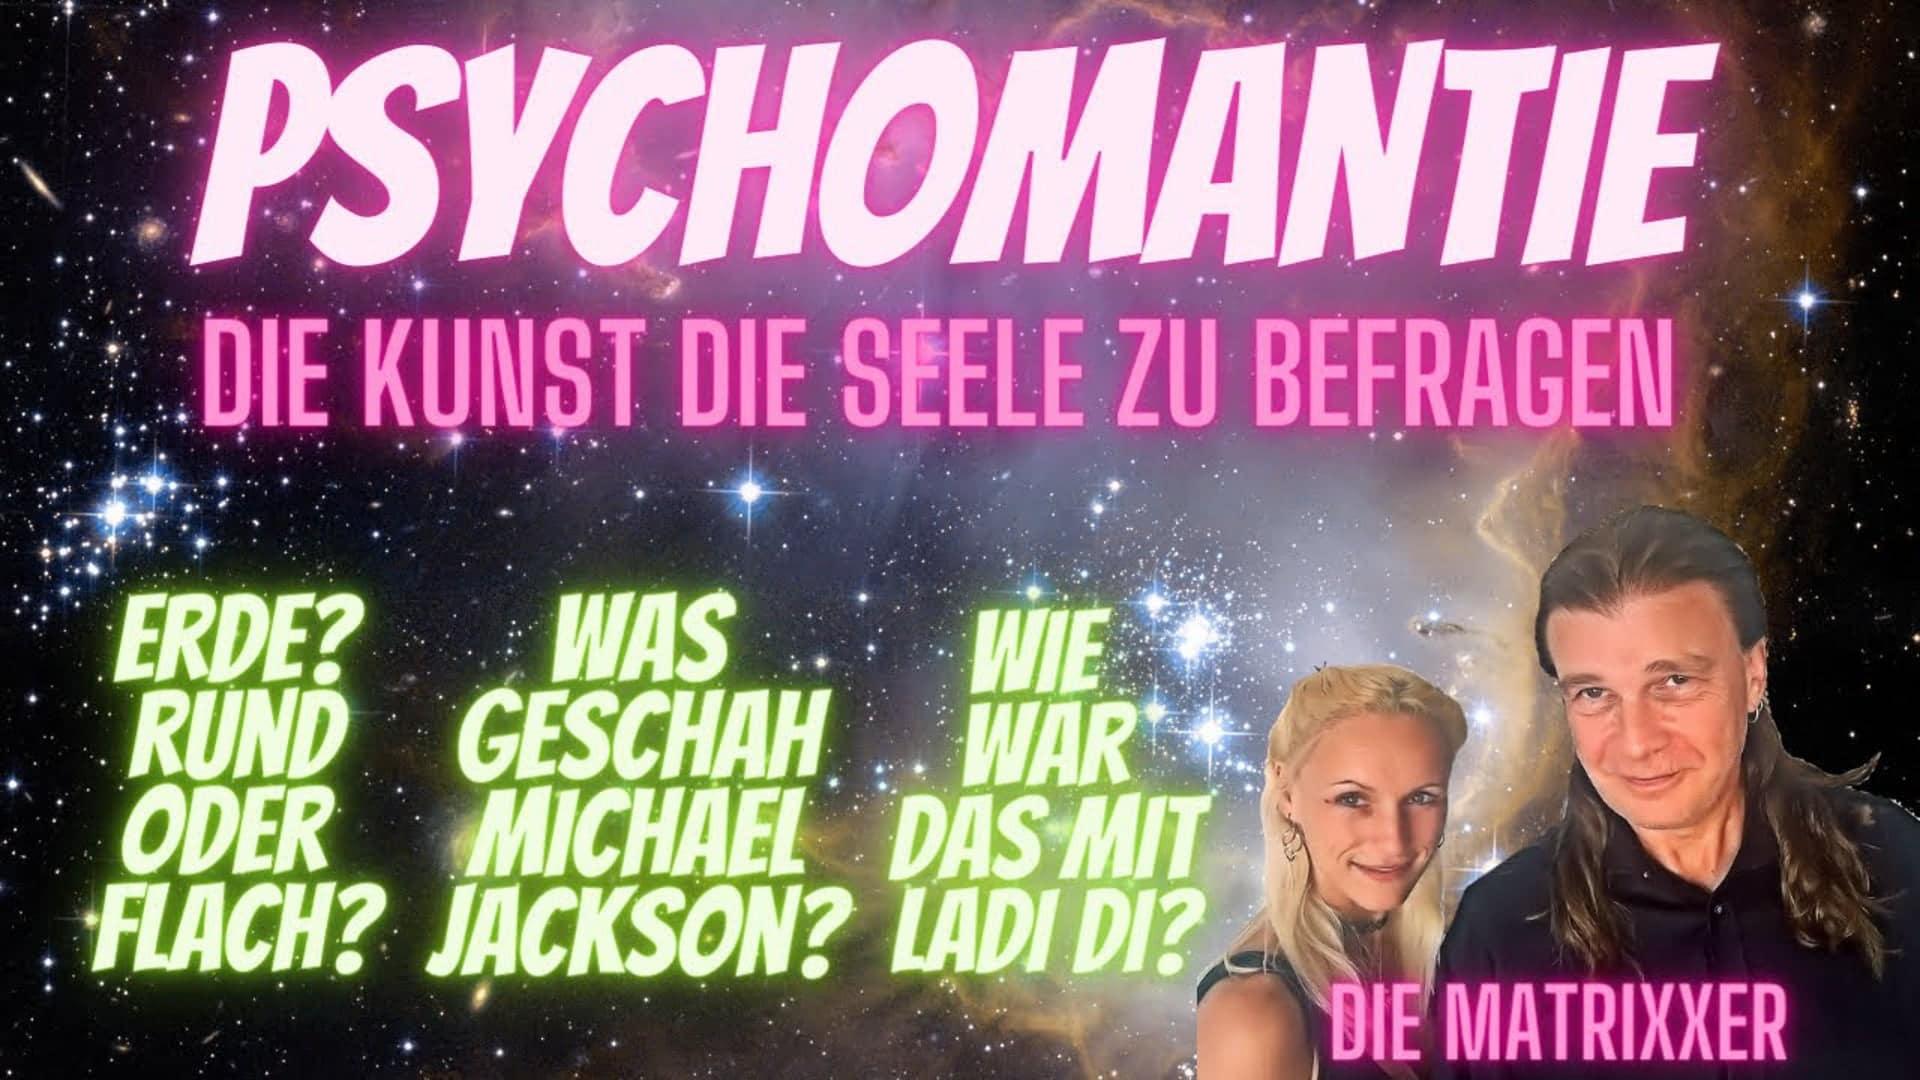 Psychomantie